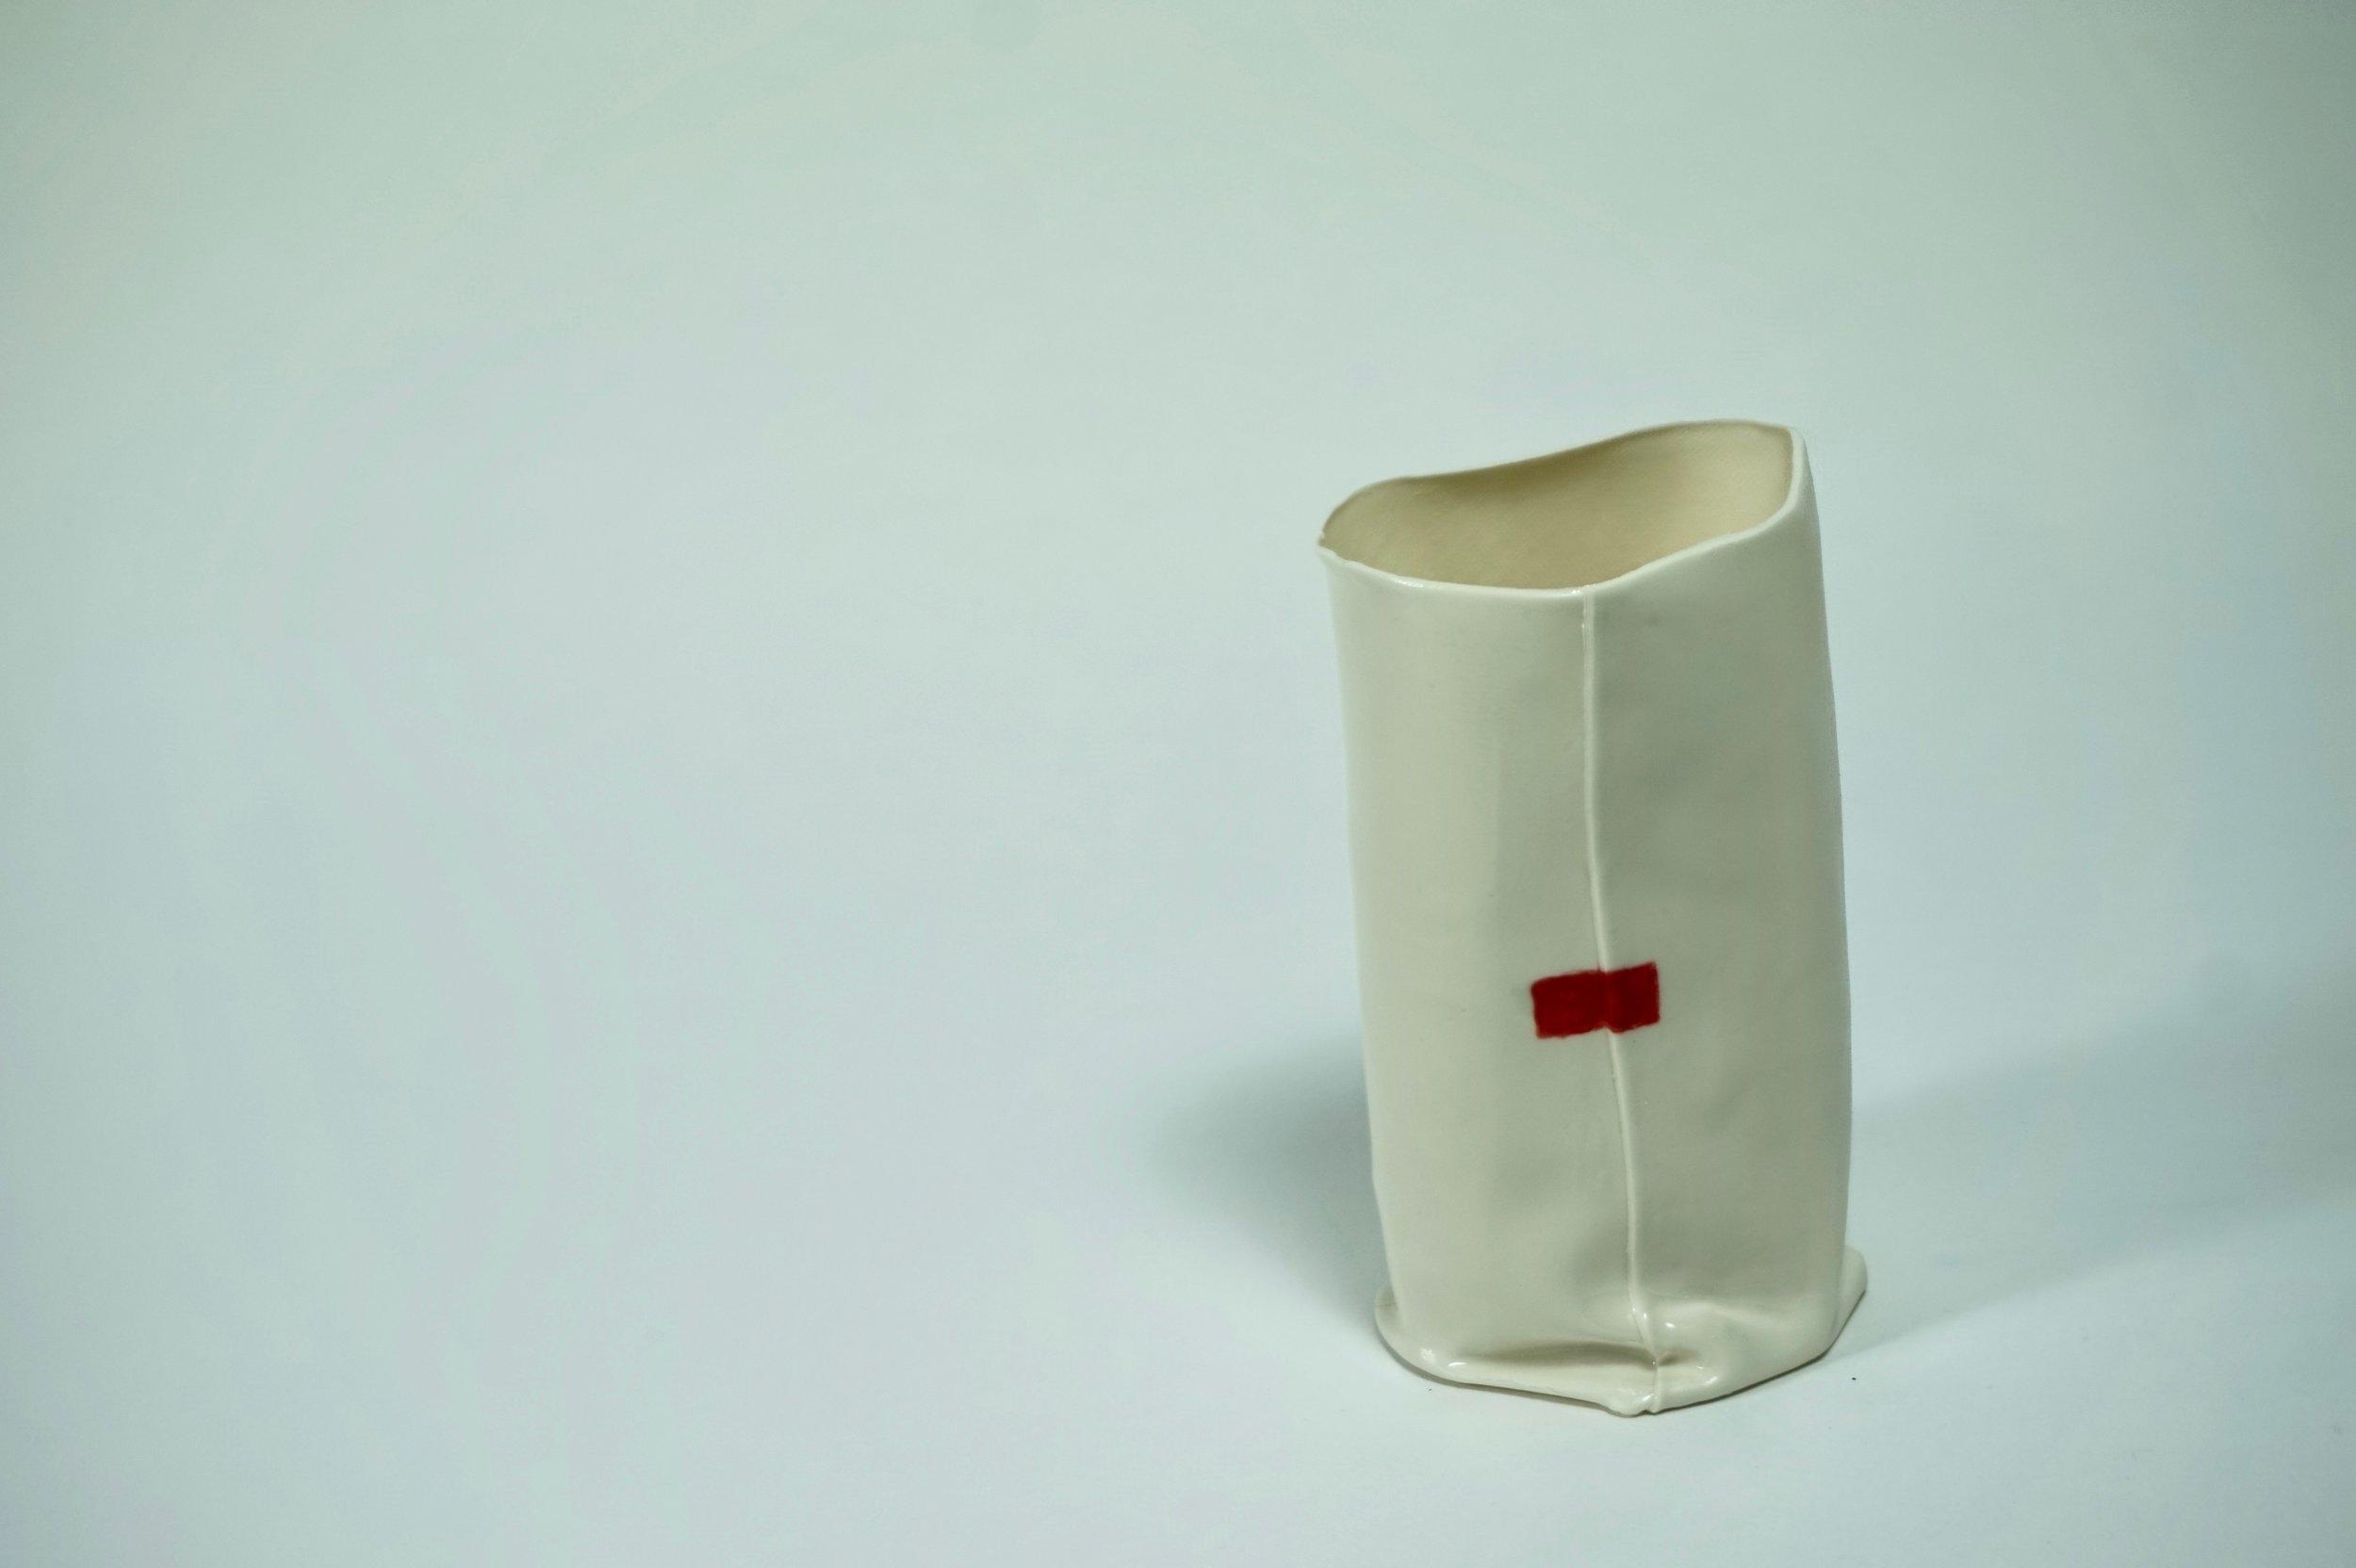 - Red tape on white body. Matt glaze